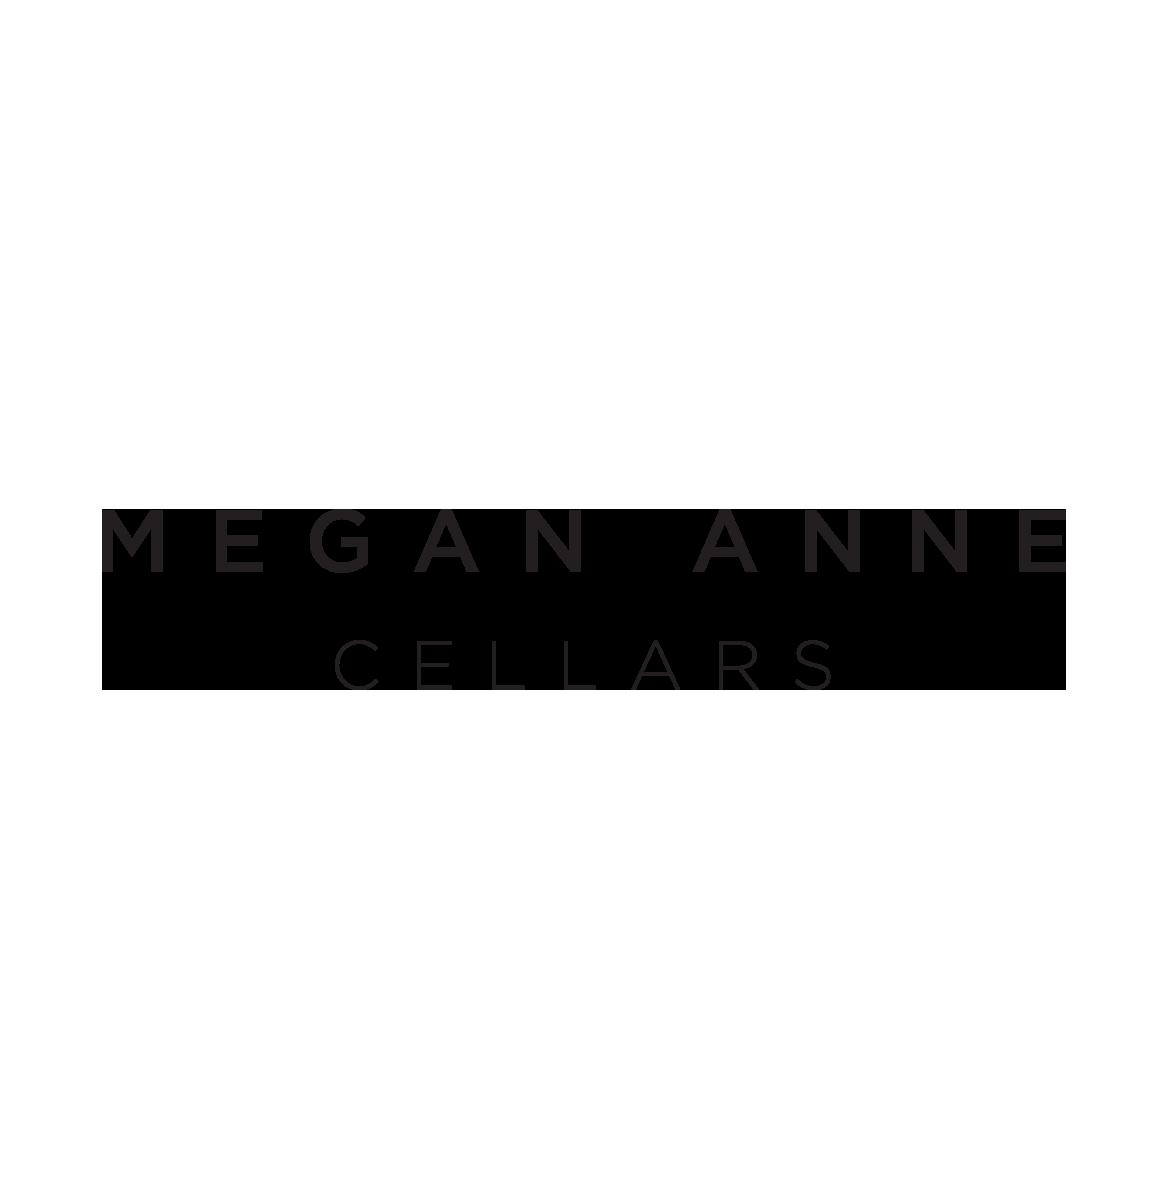 MeganAnne_LogoVariations_0007_Vector-Smart-Object.png